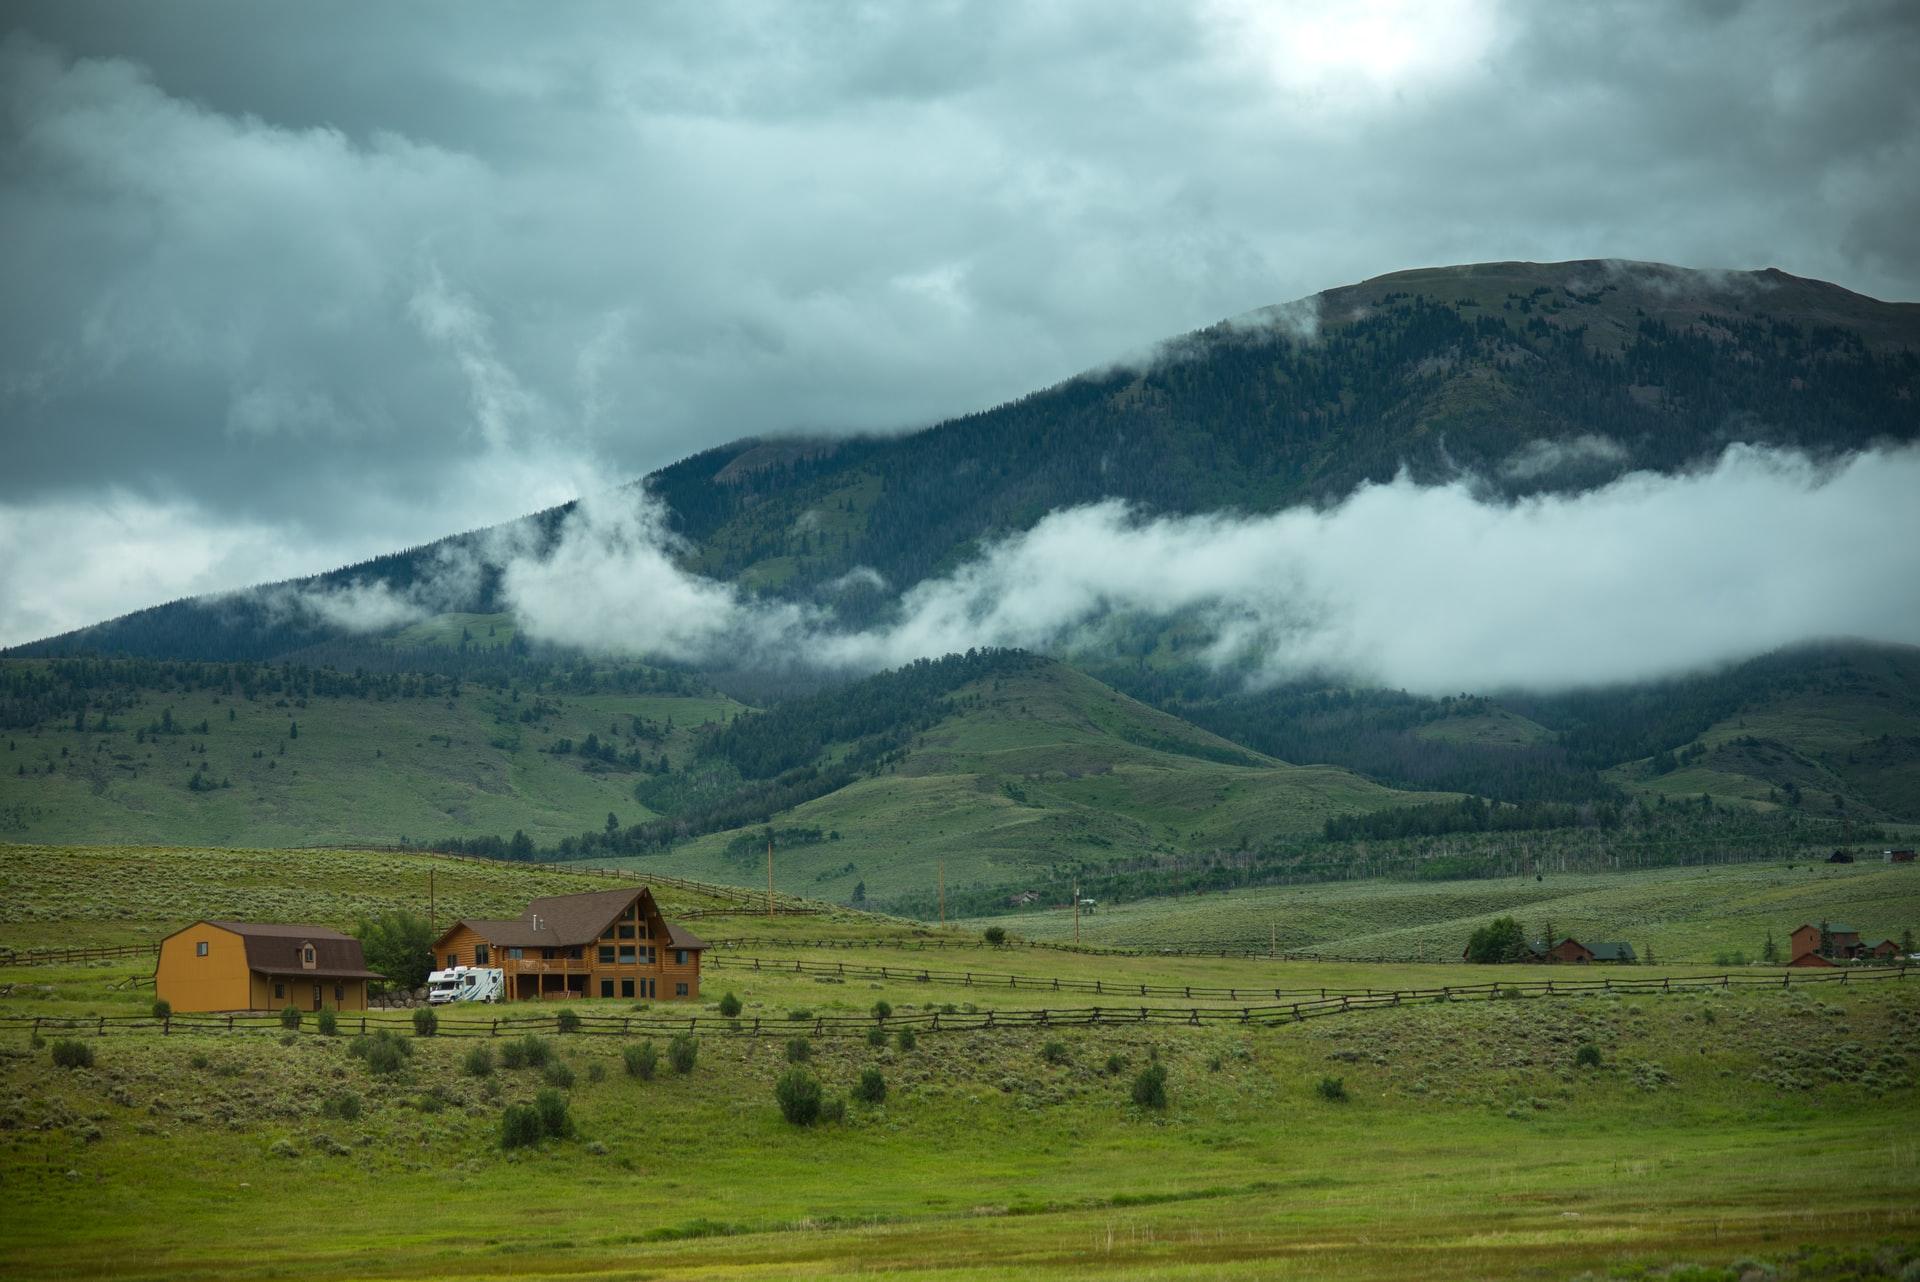 Colorado Real estate market